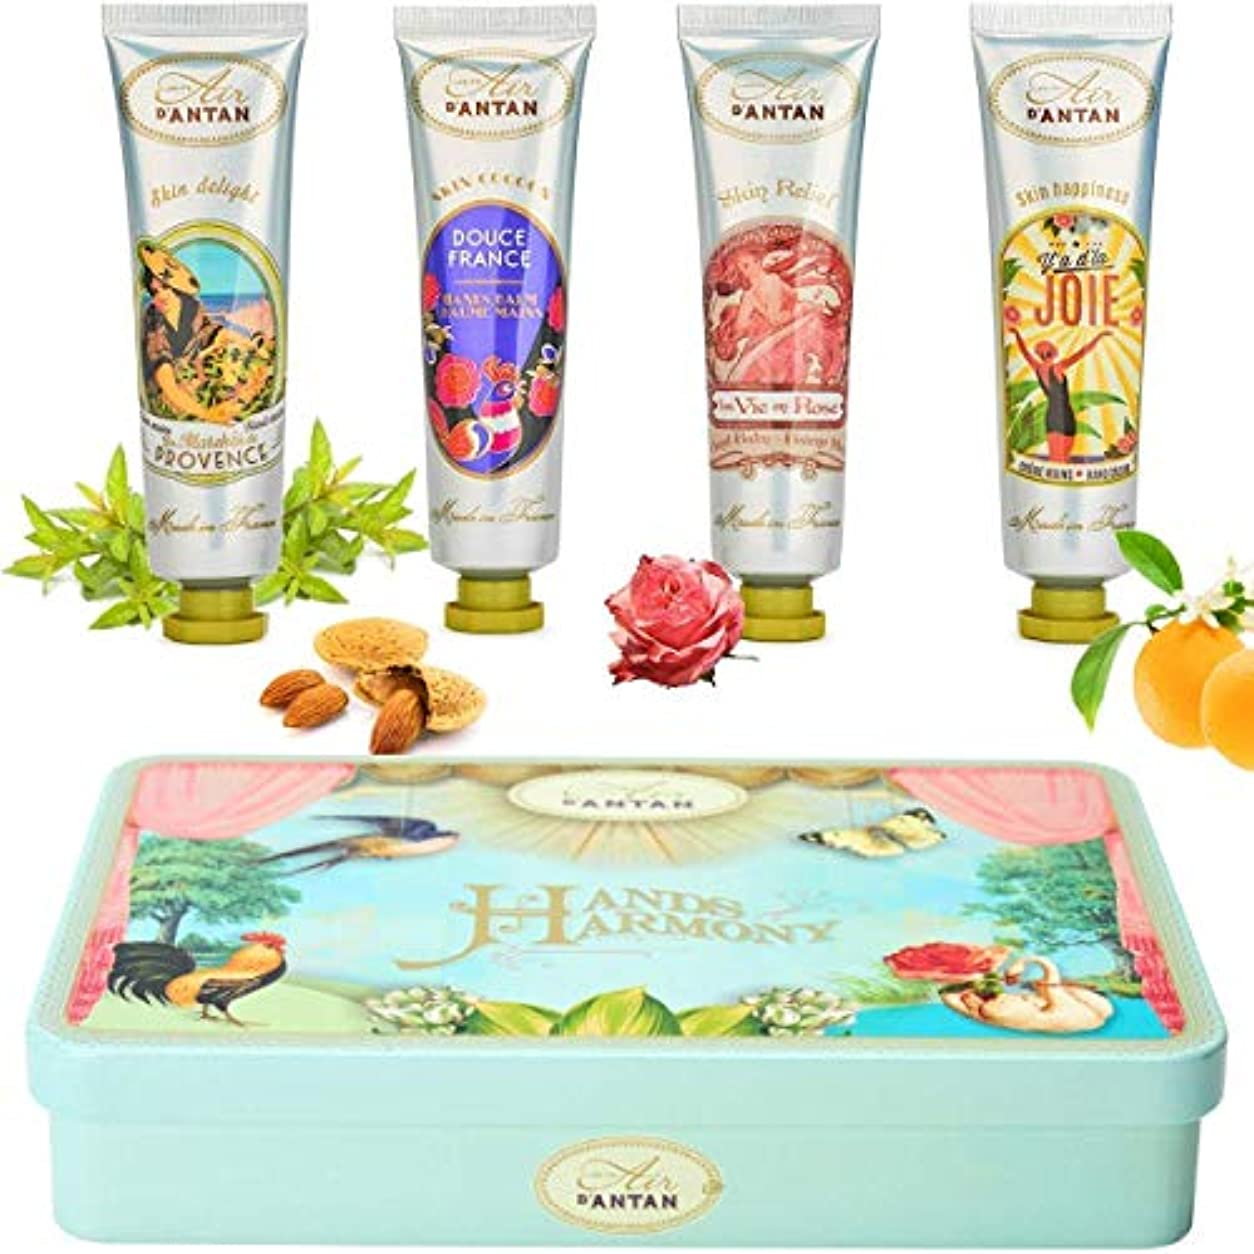 音保護するイディオムUn Air d'Antan ボックス4ソフトハンドクリーム、ヴァーベナ、 アーモンド、オレンジの花、バラの香り、フランス製 GIFT From PARIS with Amour